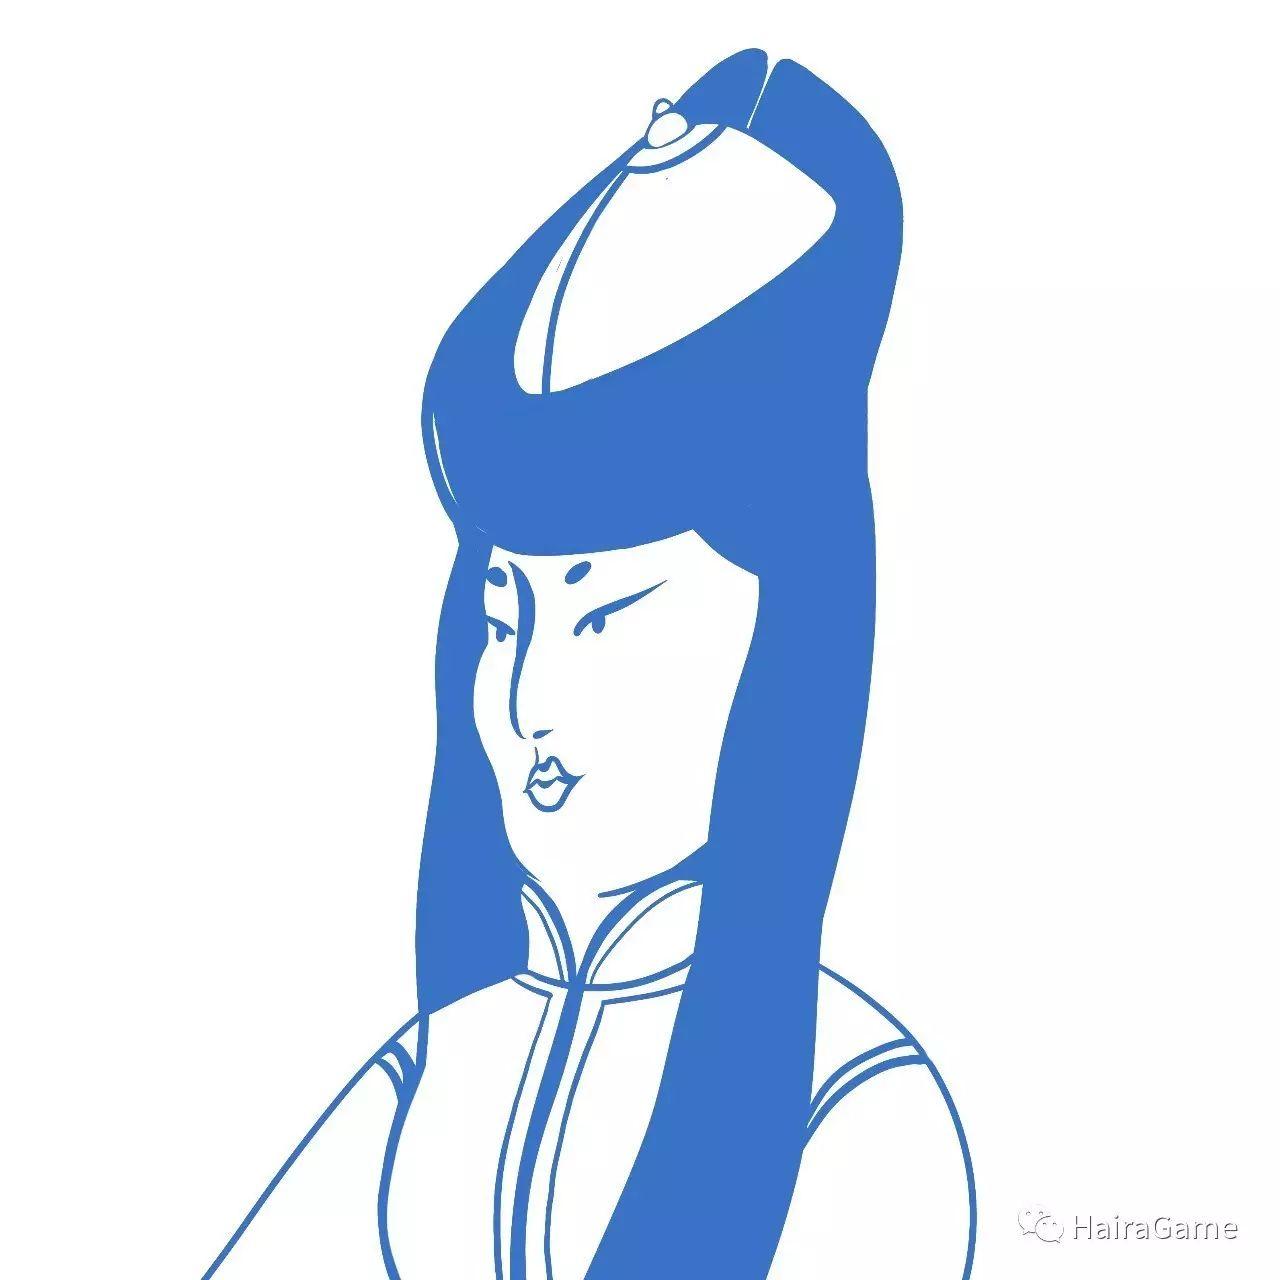 漫画头像 of 阿拉善和硕特蒙古|Haira绘制 第2张